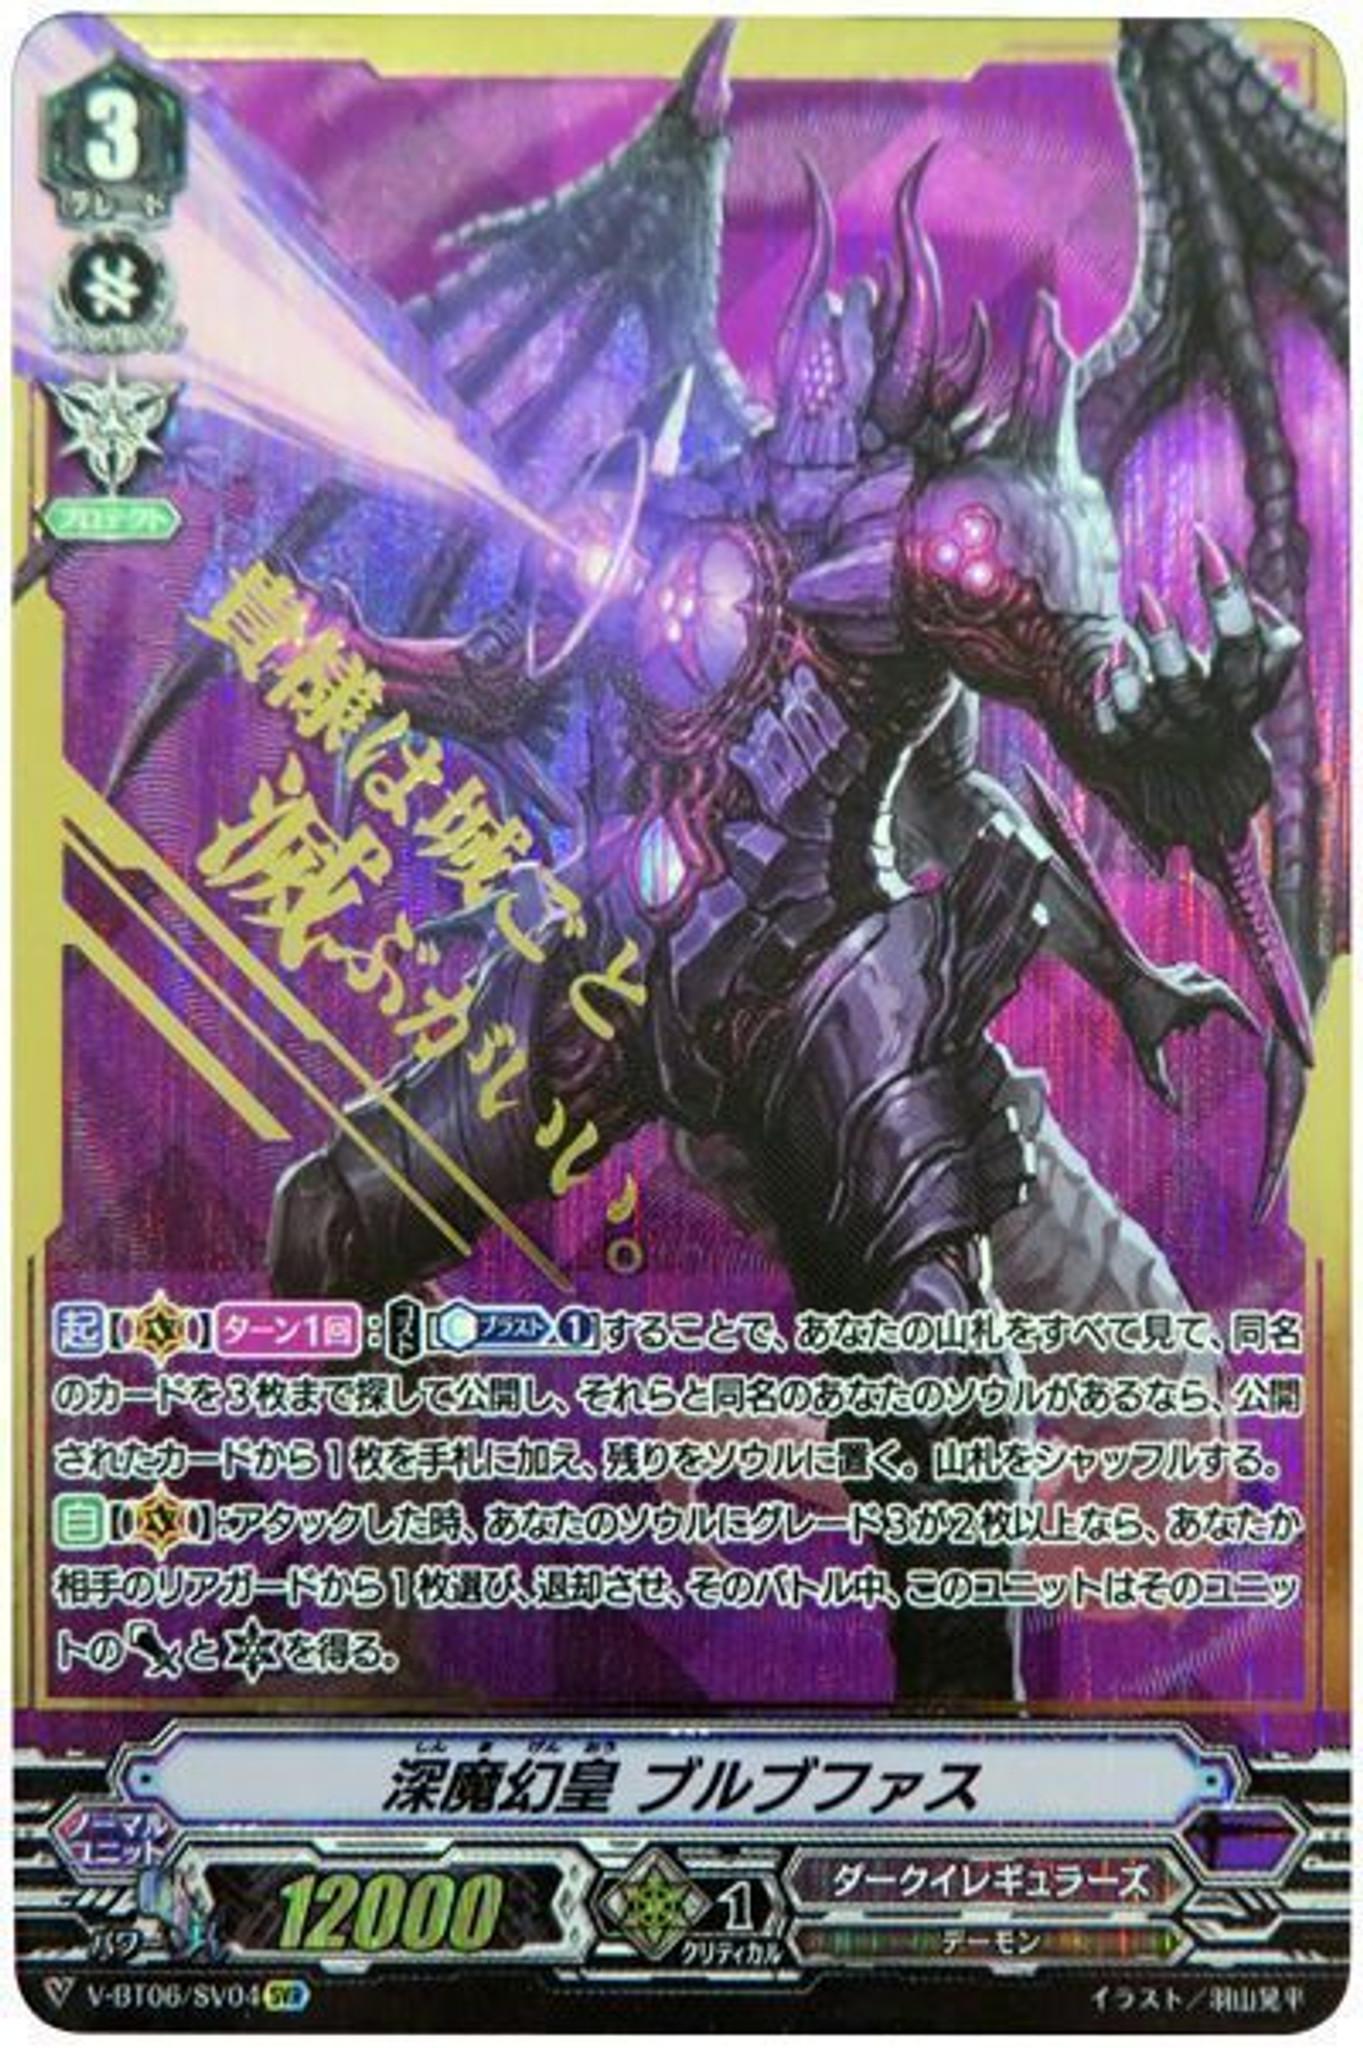 【X4 Complete Set】V Booster Set 06 Phantasmal Steed Restoration Dark  Irregulars SVR RRR RR R C Complete Set